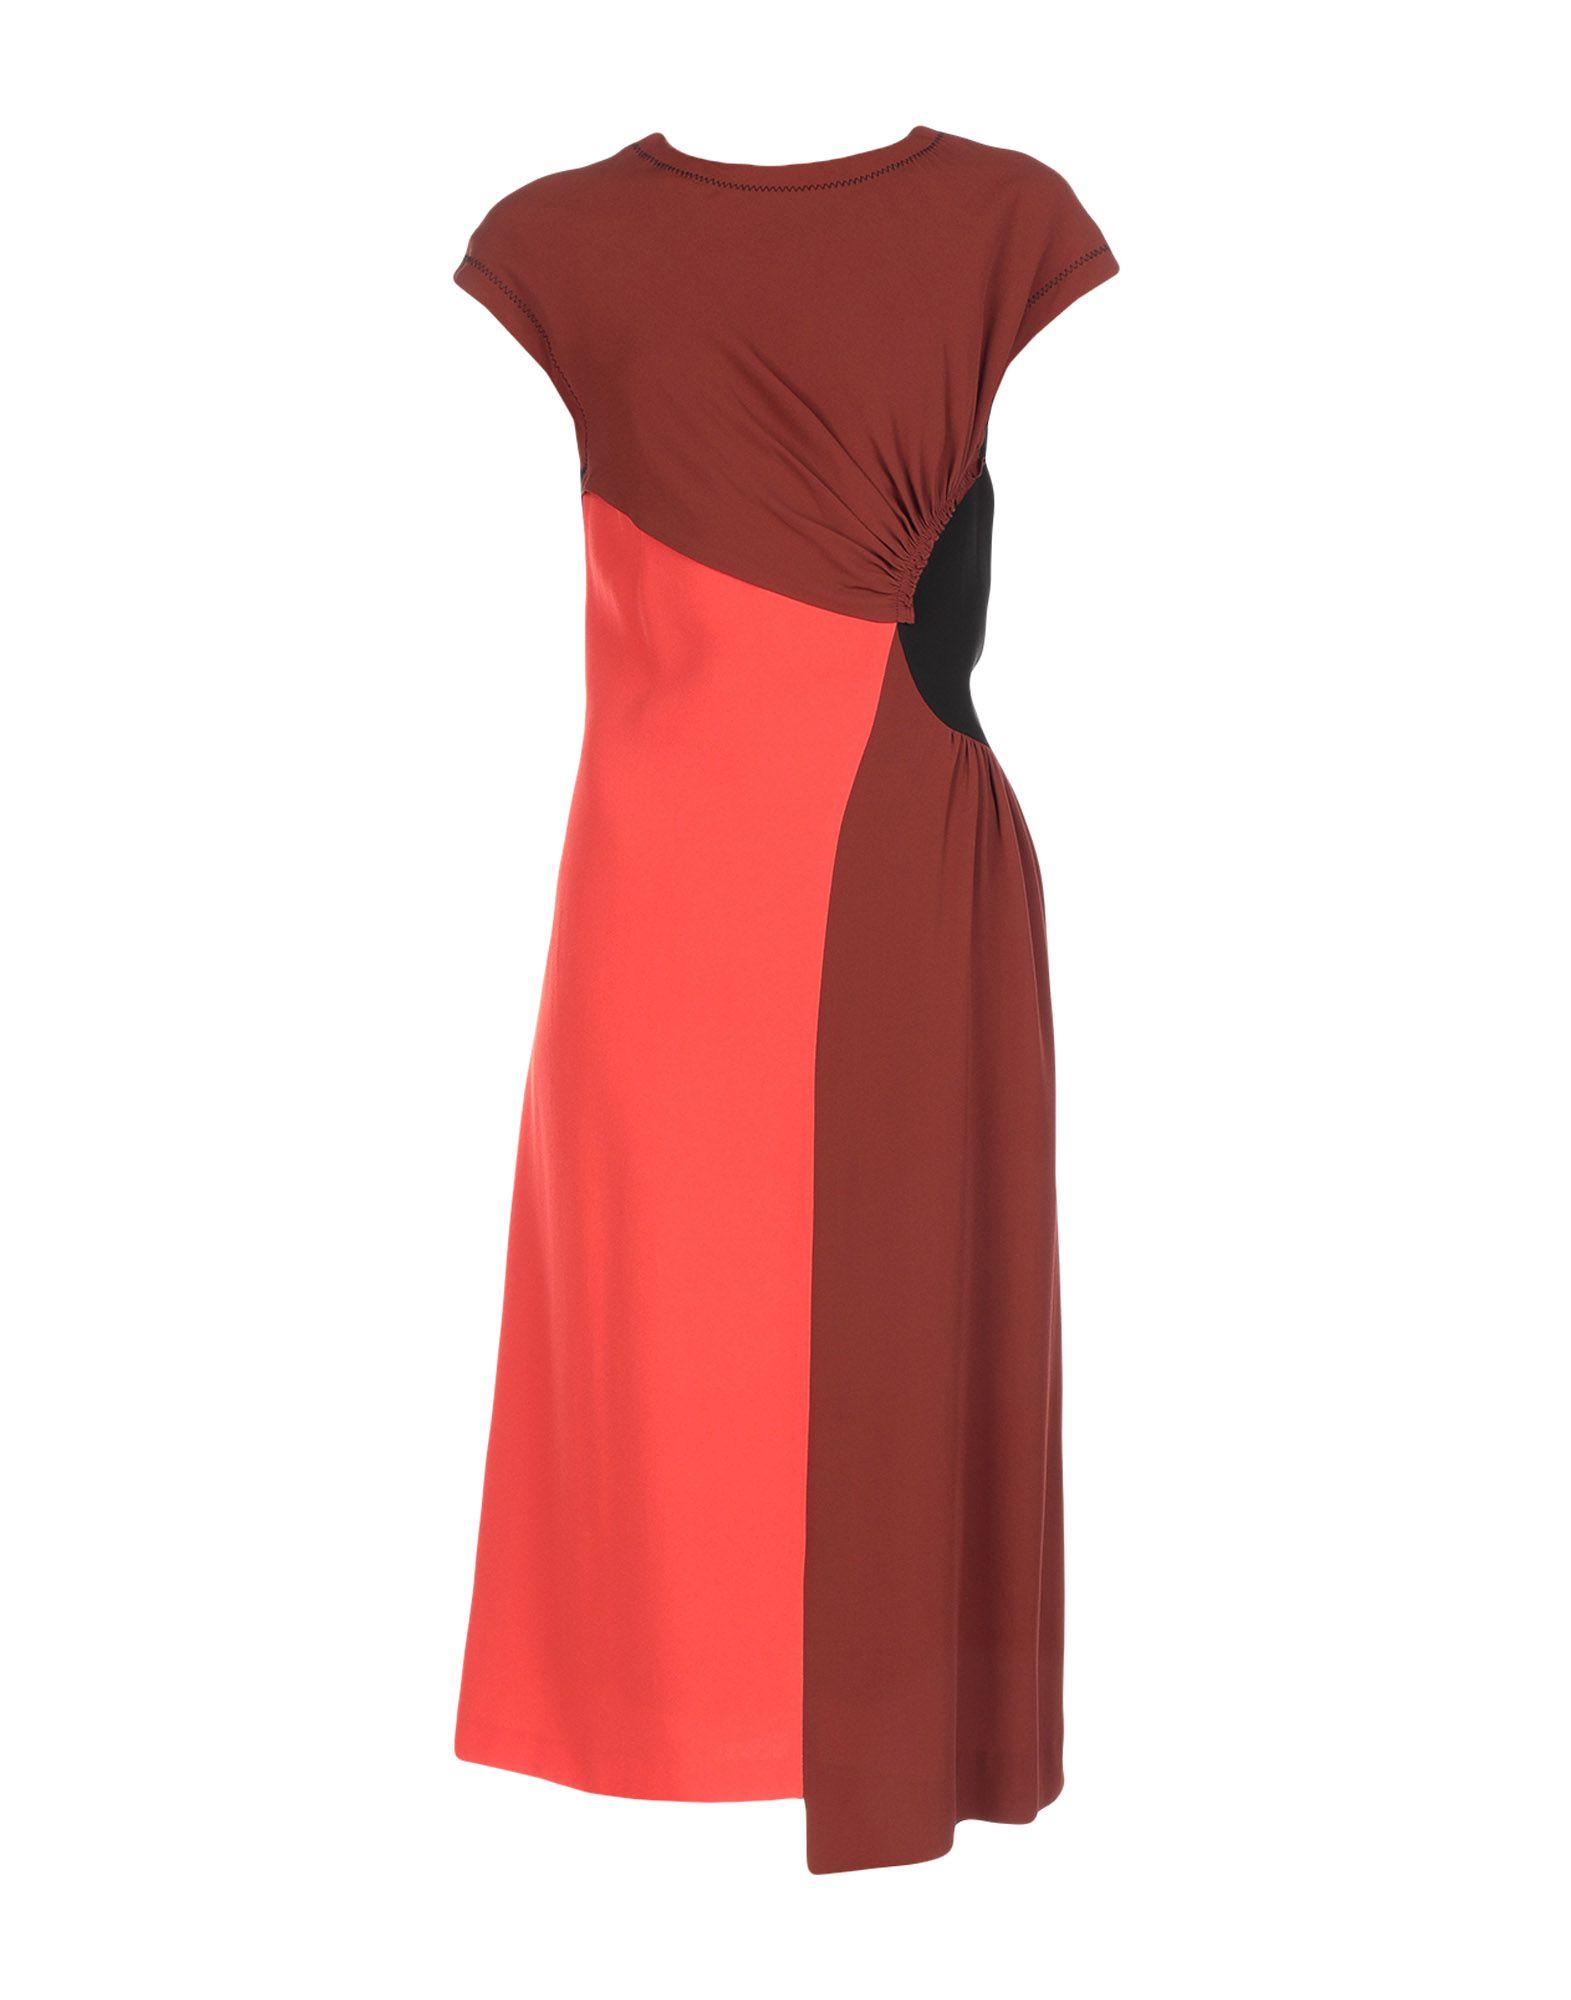 DRIES VAN NOTEN Платье длиной 3/4 костюм red fox red fox wool dry light женский